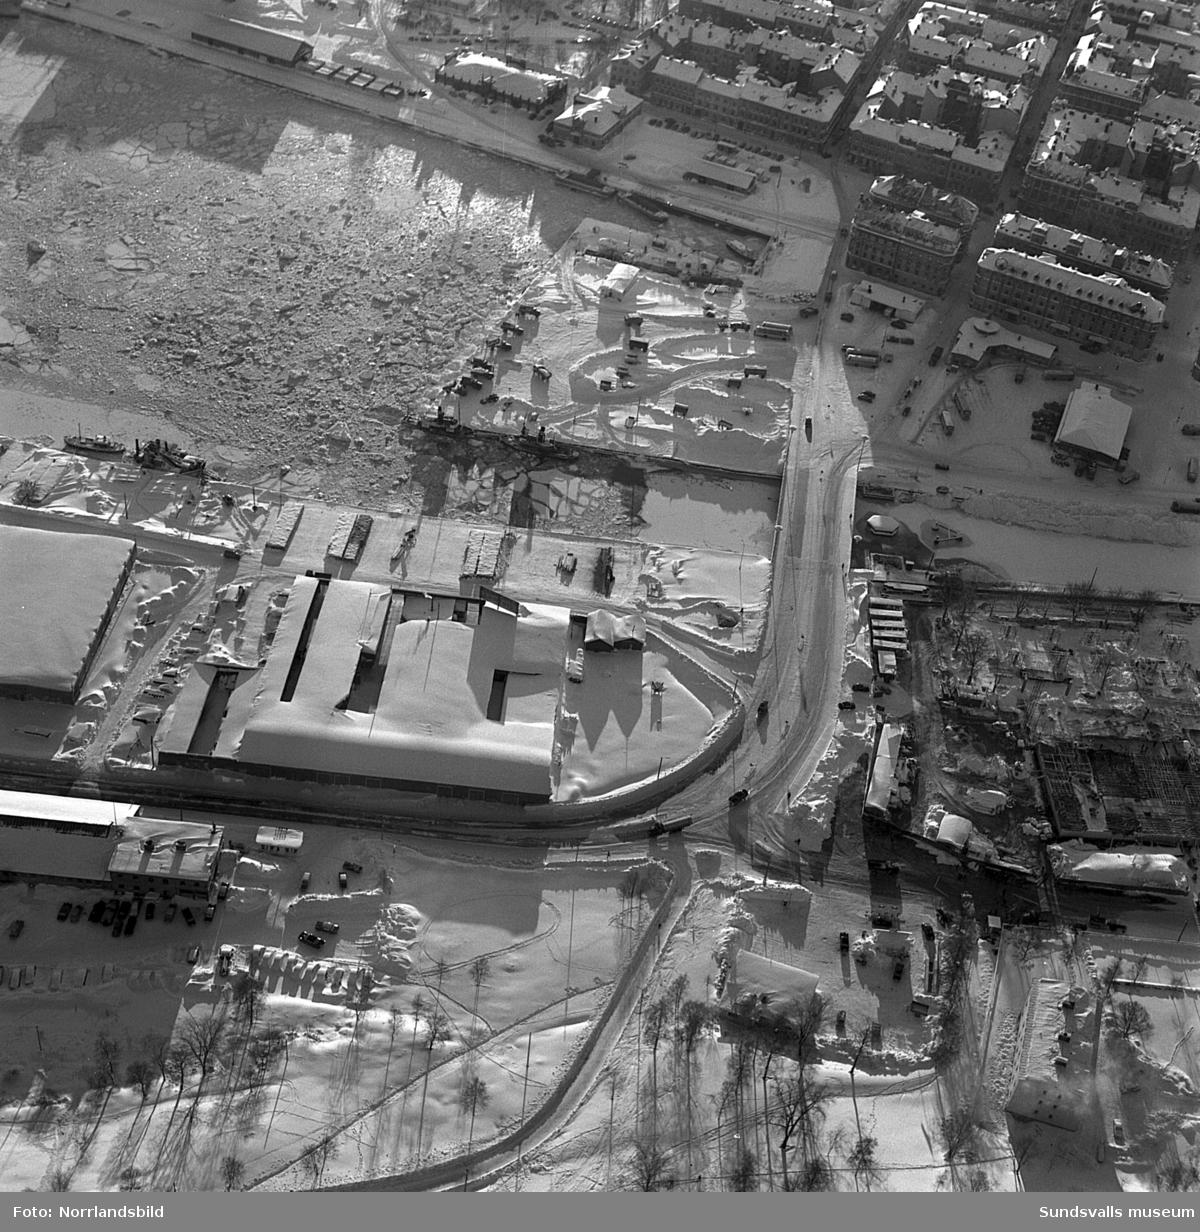 Flygfoton över Norrmalm med det nyligen påbörjade bygget av SCA-kontoret i kvarteret Notvarpet.